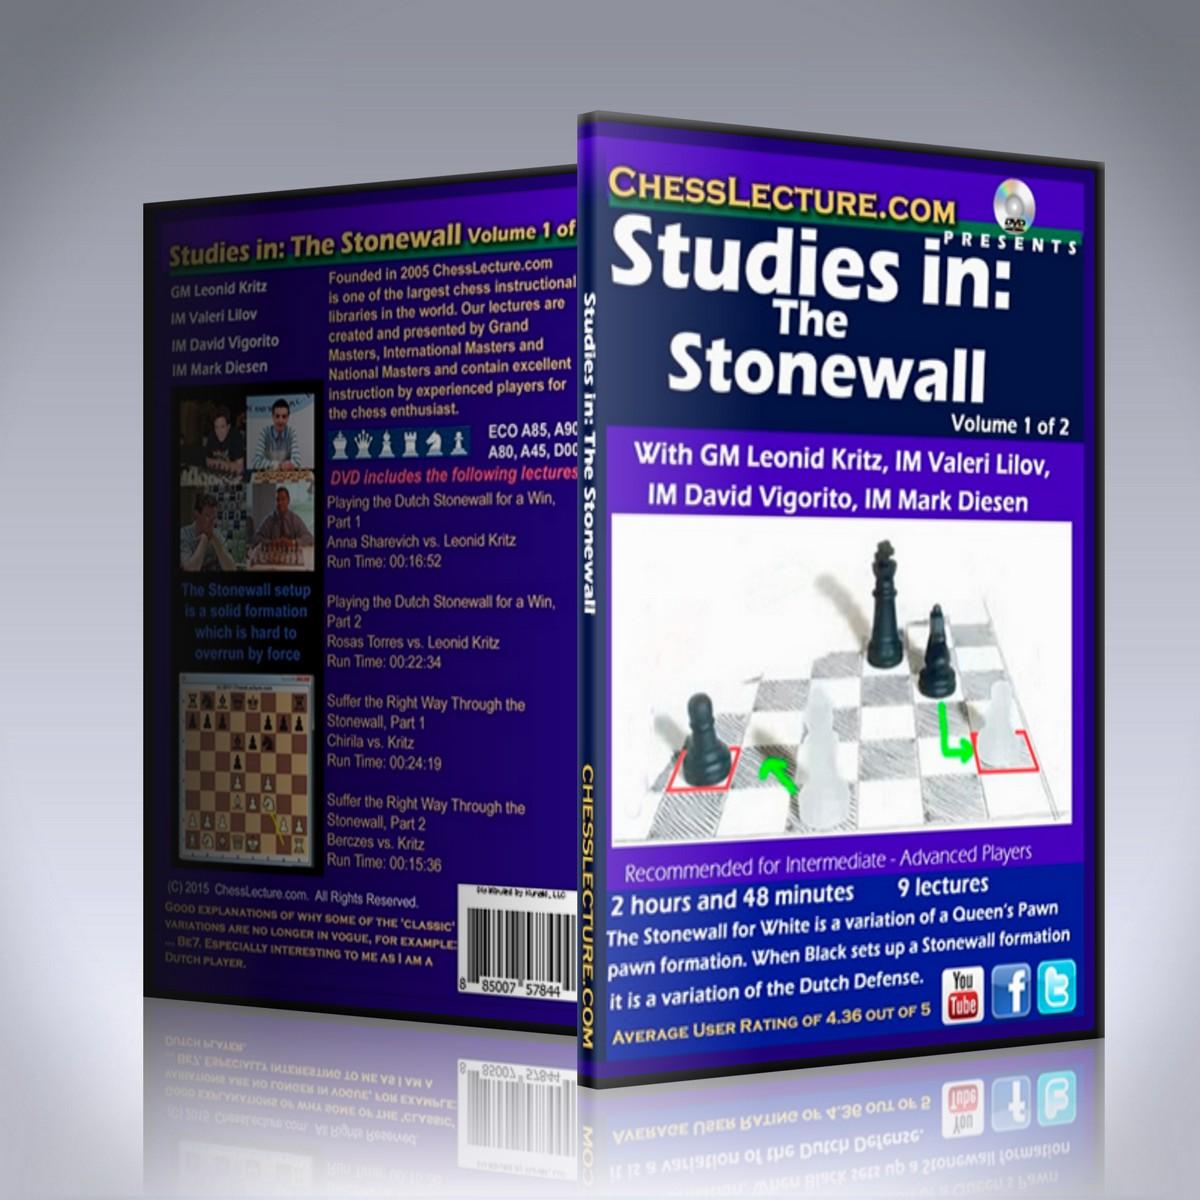 Studies in: The Stonewall 2 DVD set – GM Leonid Kritz, IM Valeri Lilov, IM David Vigorito and IM Mark Diesen